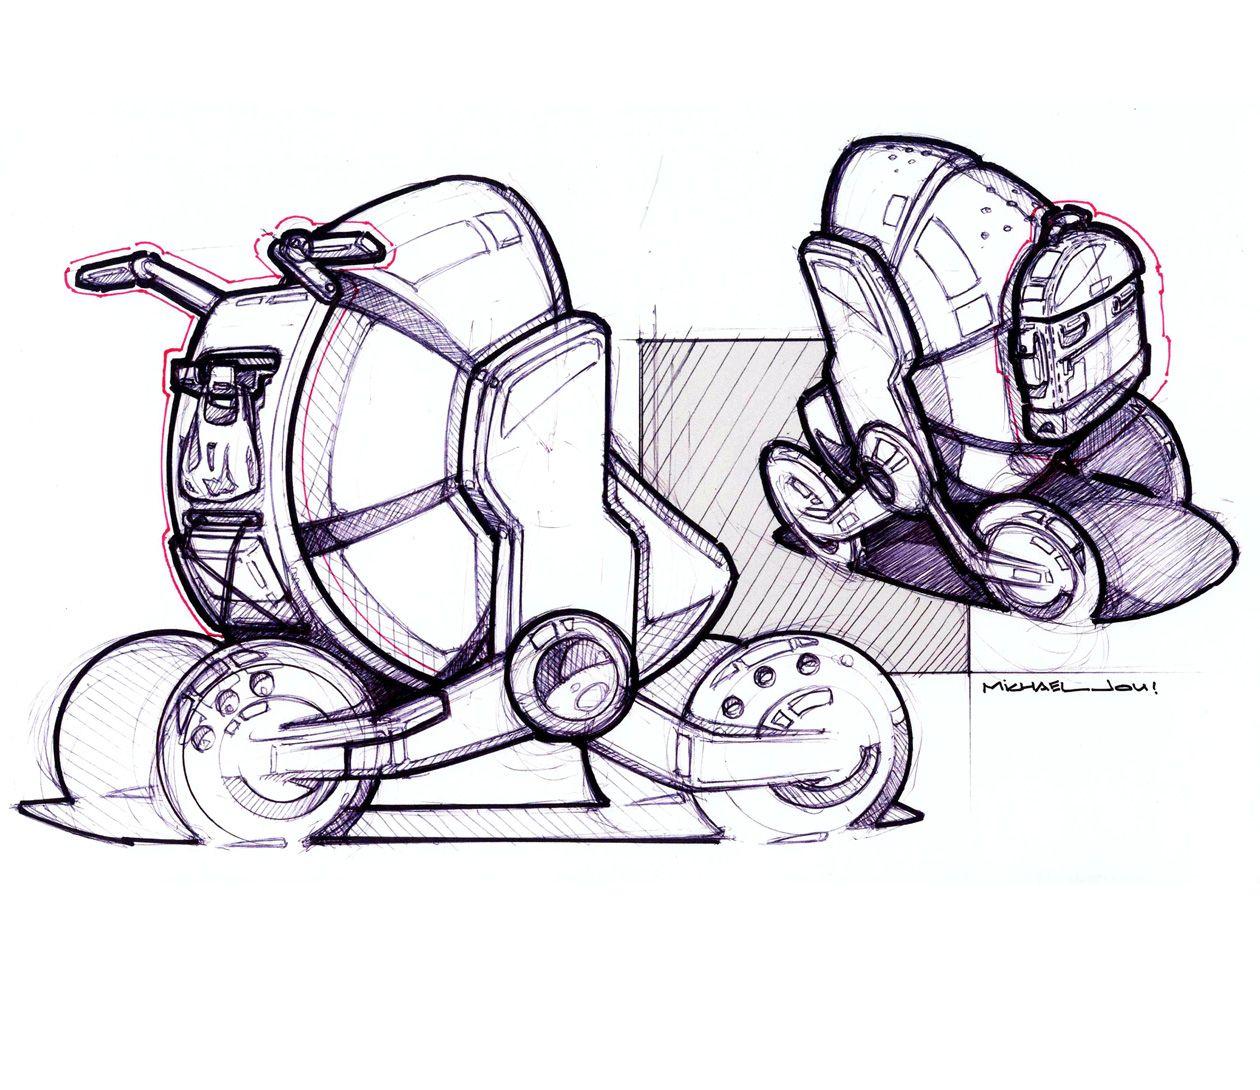 Diseno De Carreola Sketch Car Design Sketch Industrial Design Sketch Sketches